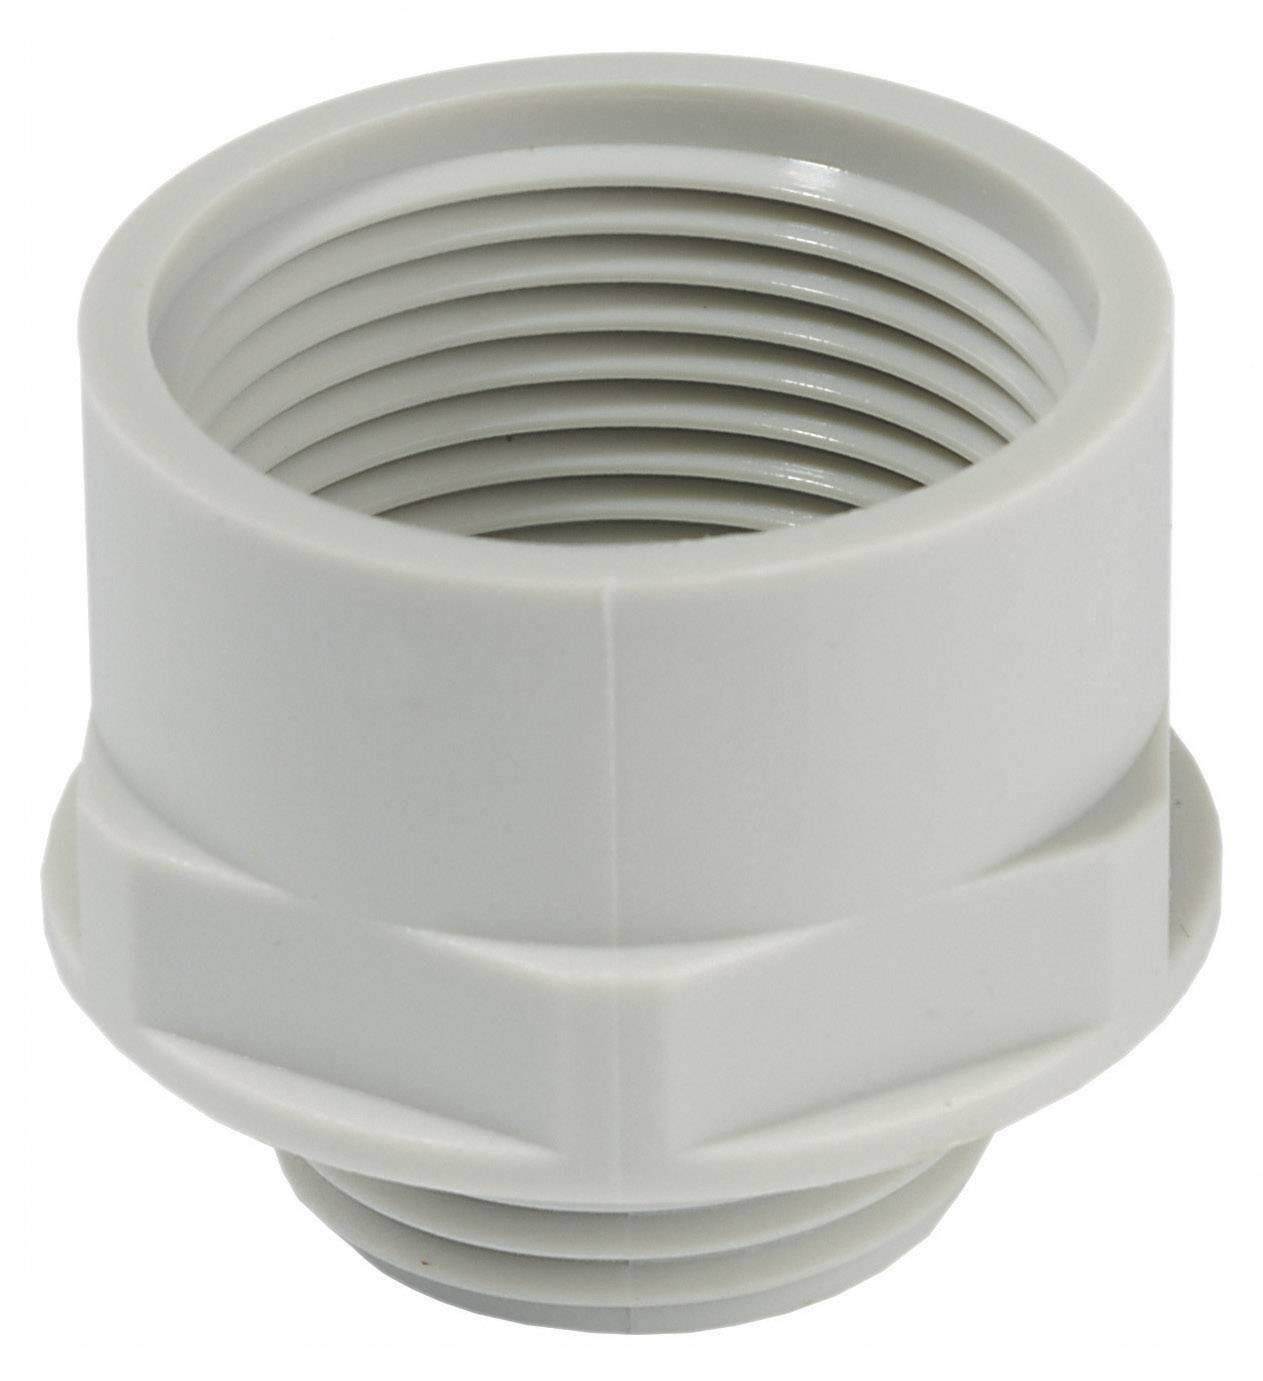 Rozšírenie káblovej priechodky Wiska KEM 40/50, polyamid, 1 ks